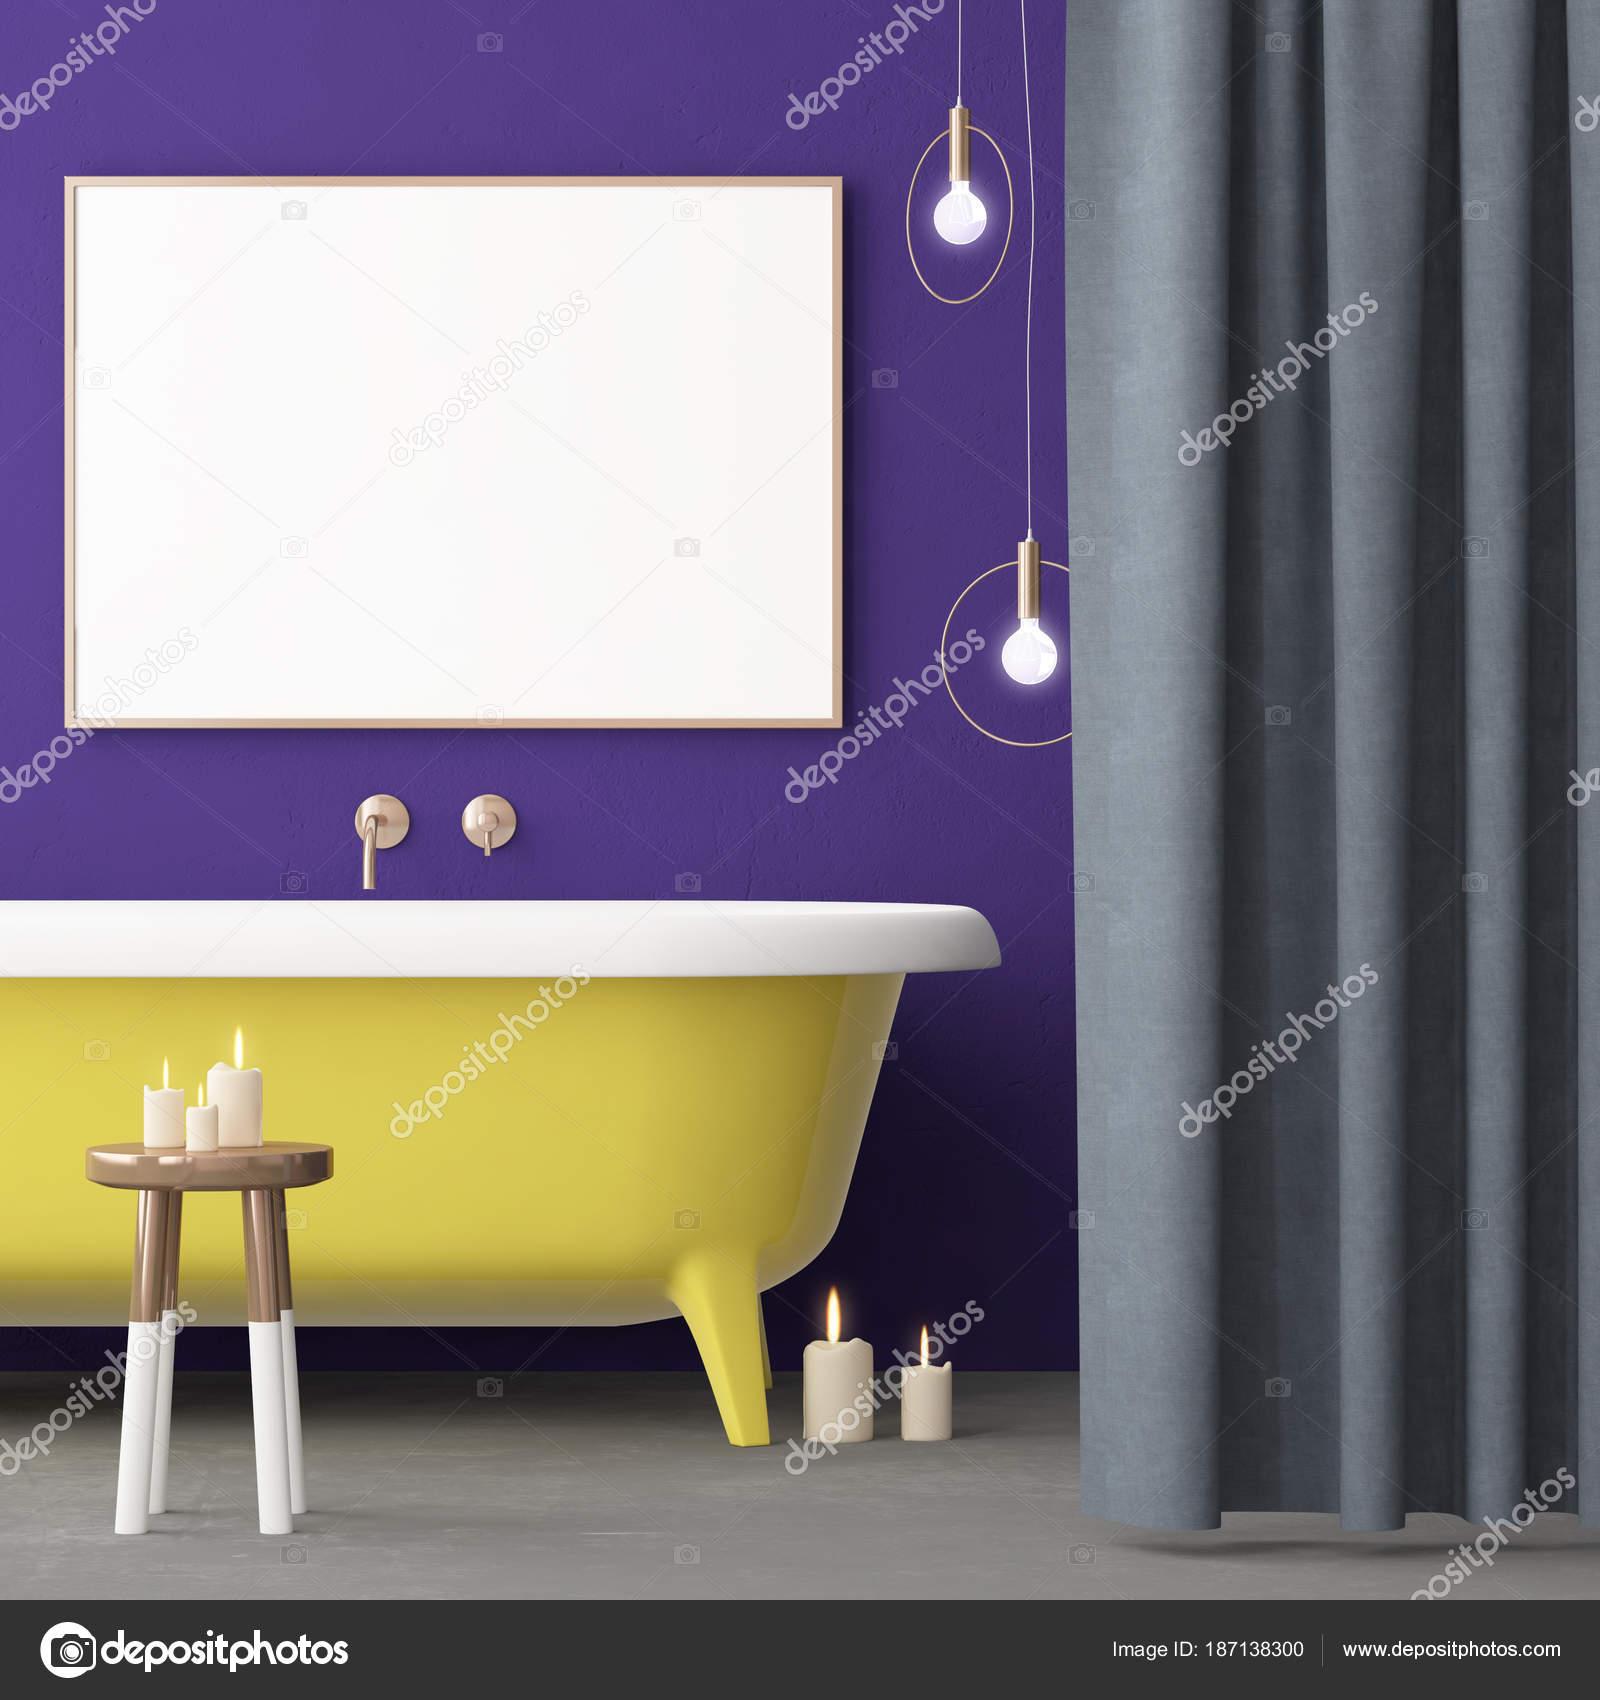 Salle De Bain Bicarbonate Vinaigre ~ Maquette Affiche Dans Salle Bain Dans Style Vintage Couleur Tendance